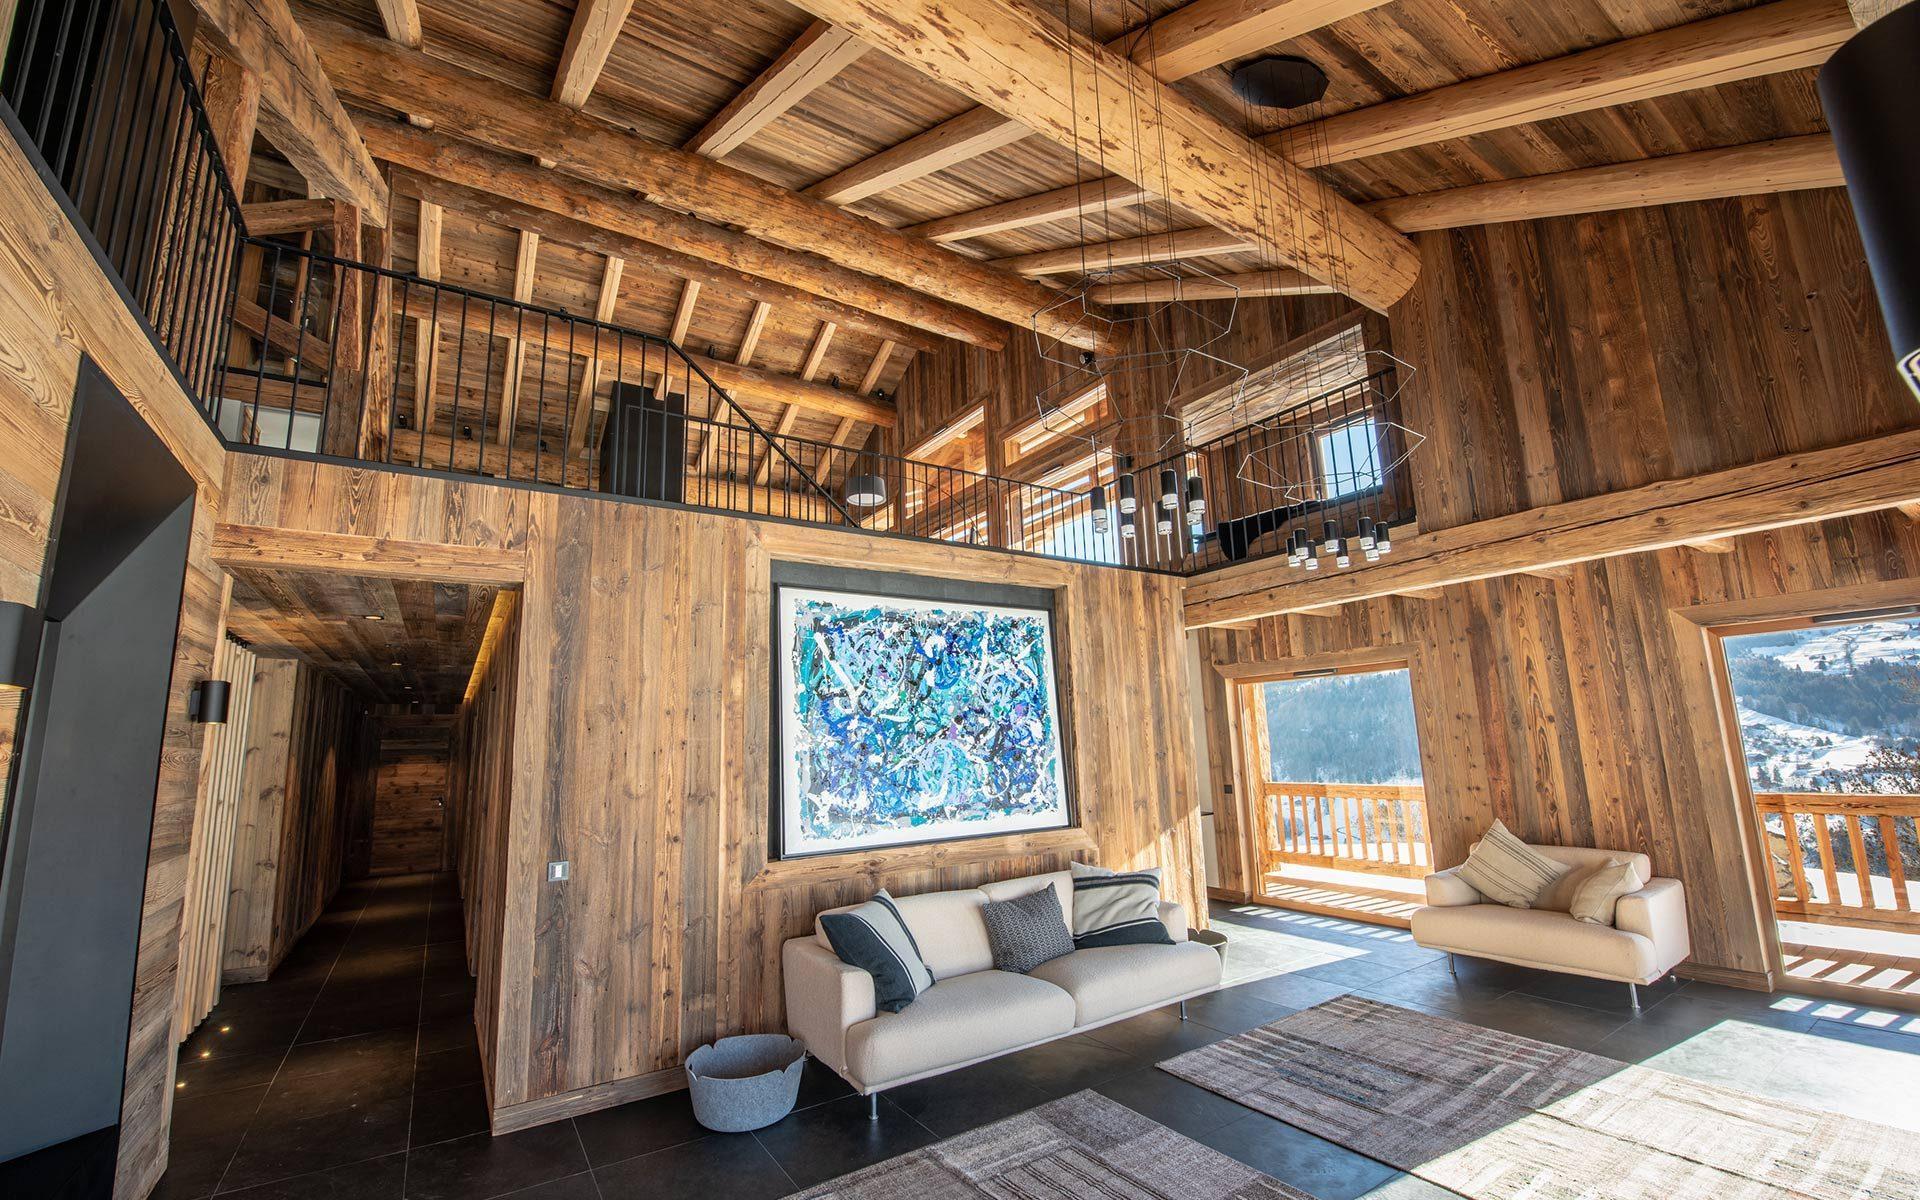 chalet-luxe-lodge-les-murailles-manigold-alpes-incentive-ski-atmosphere-seminaires-de-caractere